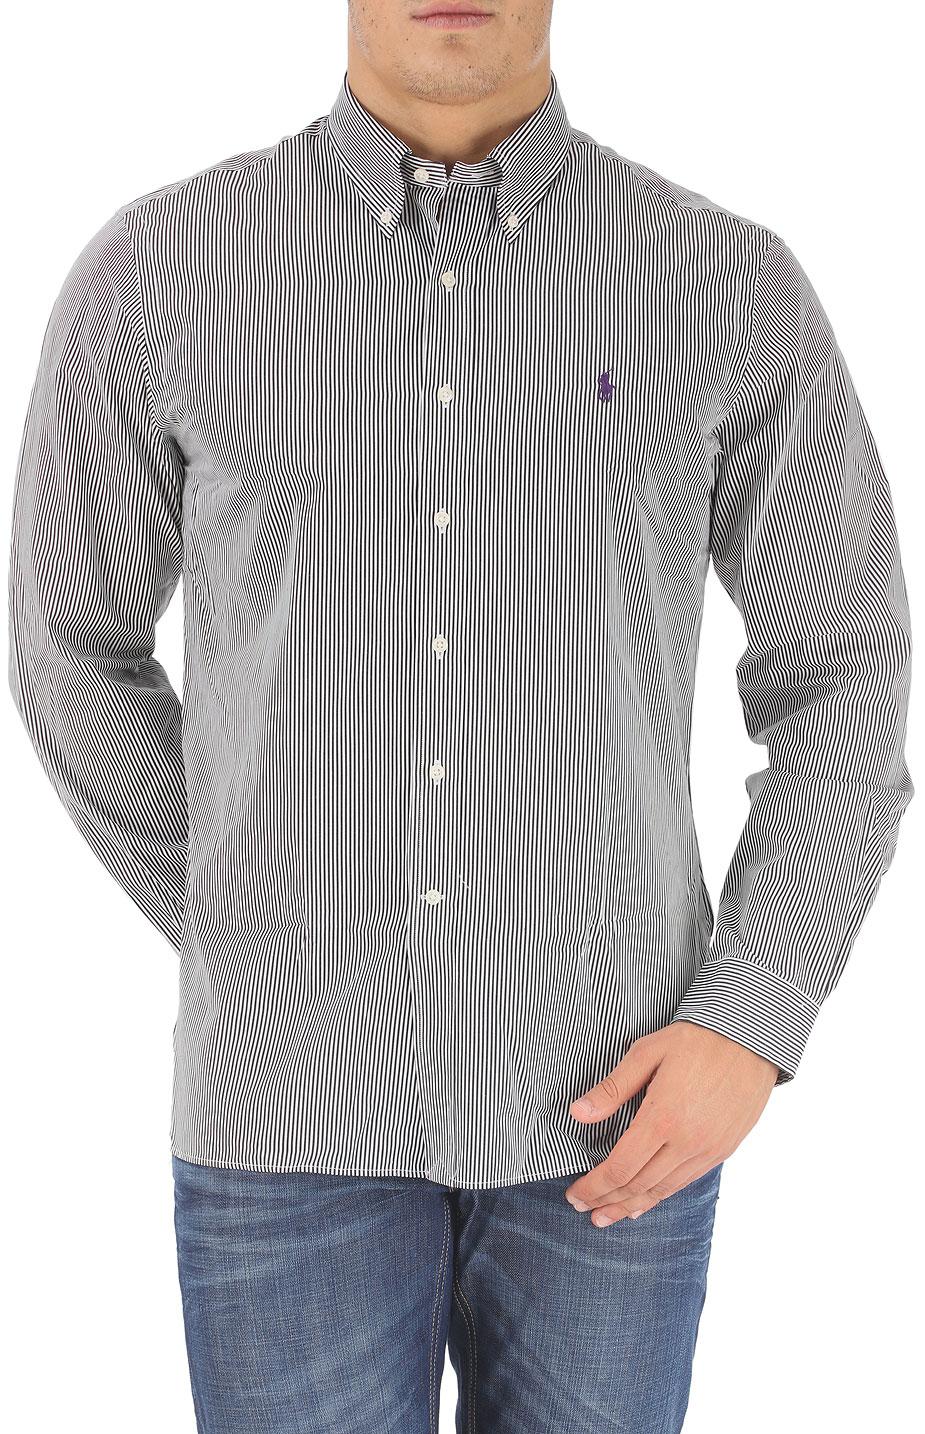 Abbigliamento Uomo Ralph Lauren, Codice Articolo: wzz02cyy07-c0zz1-